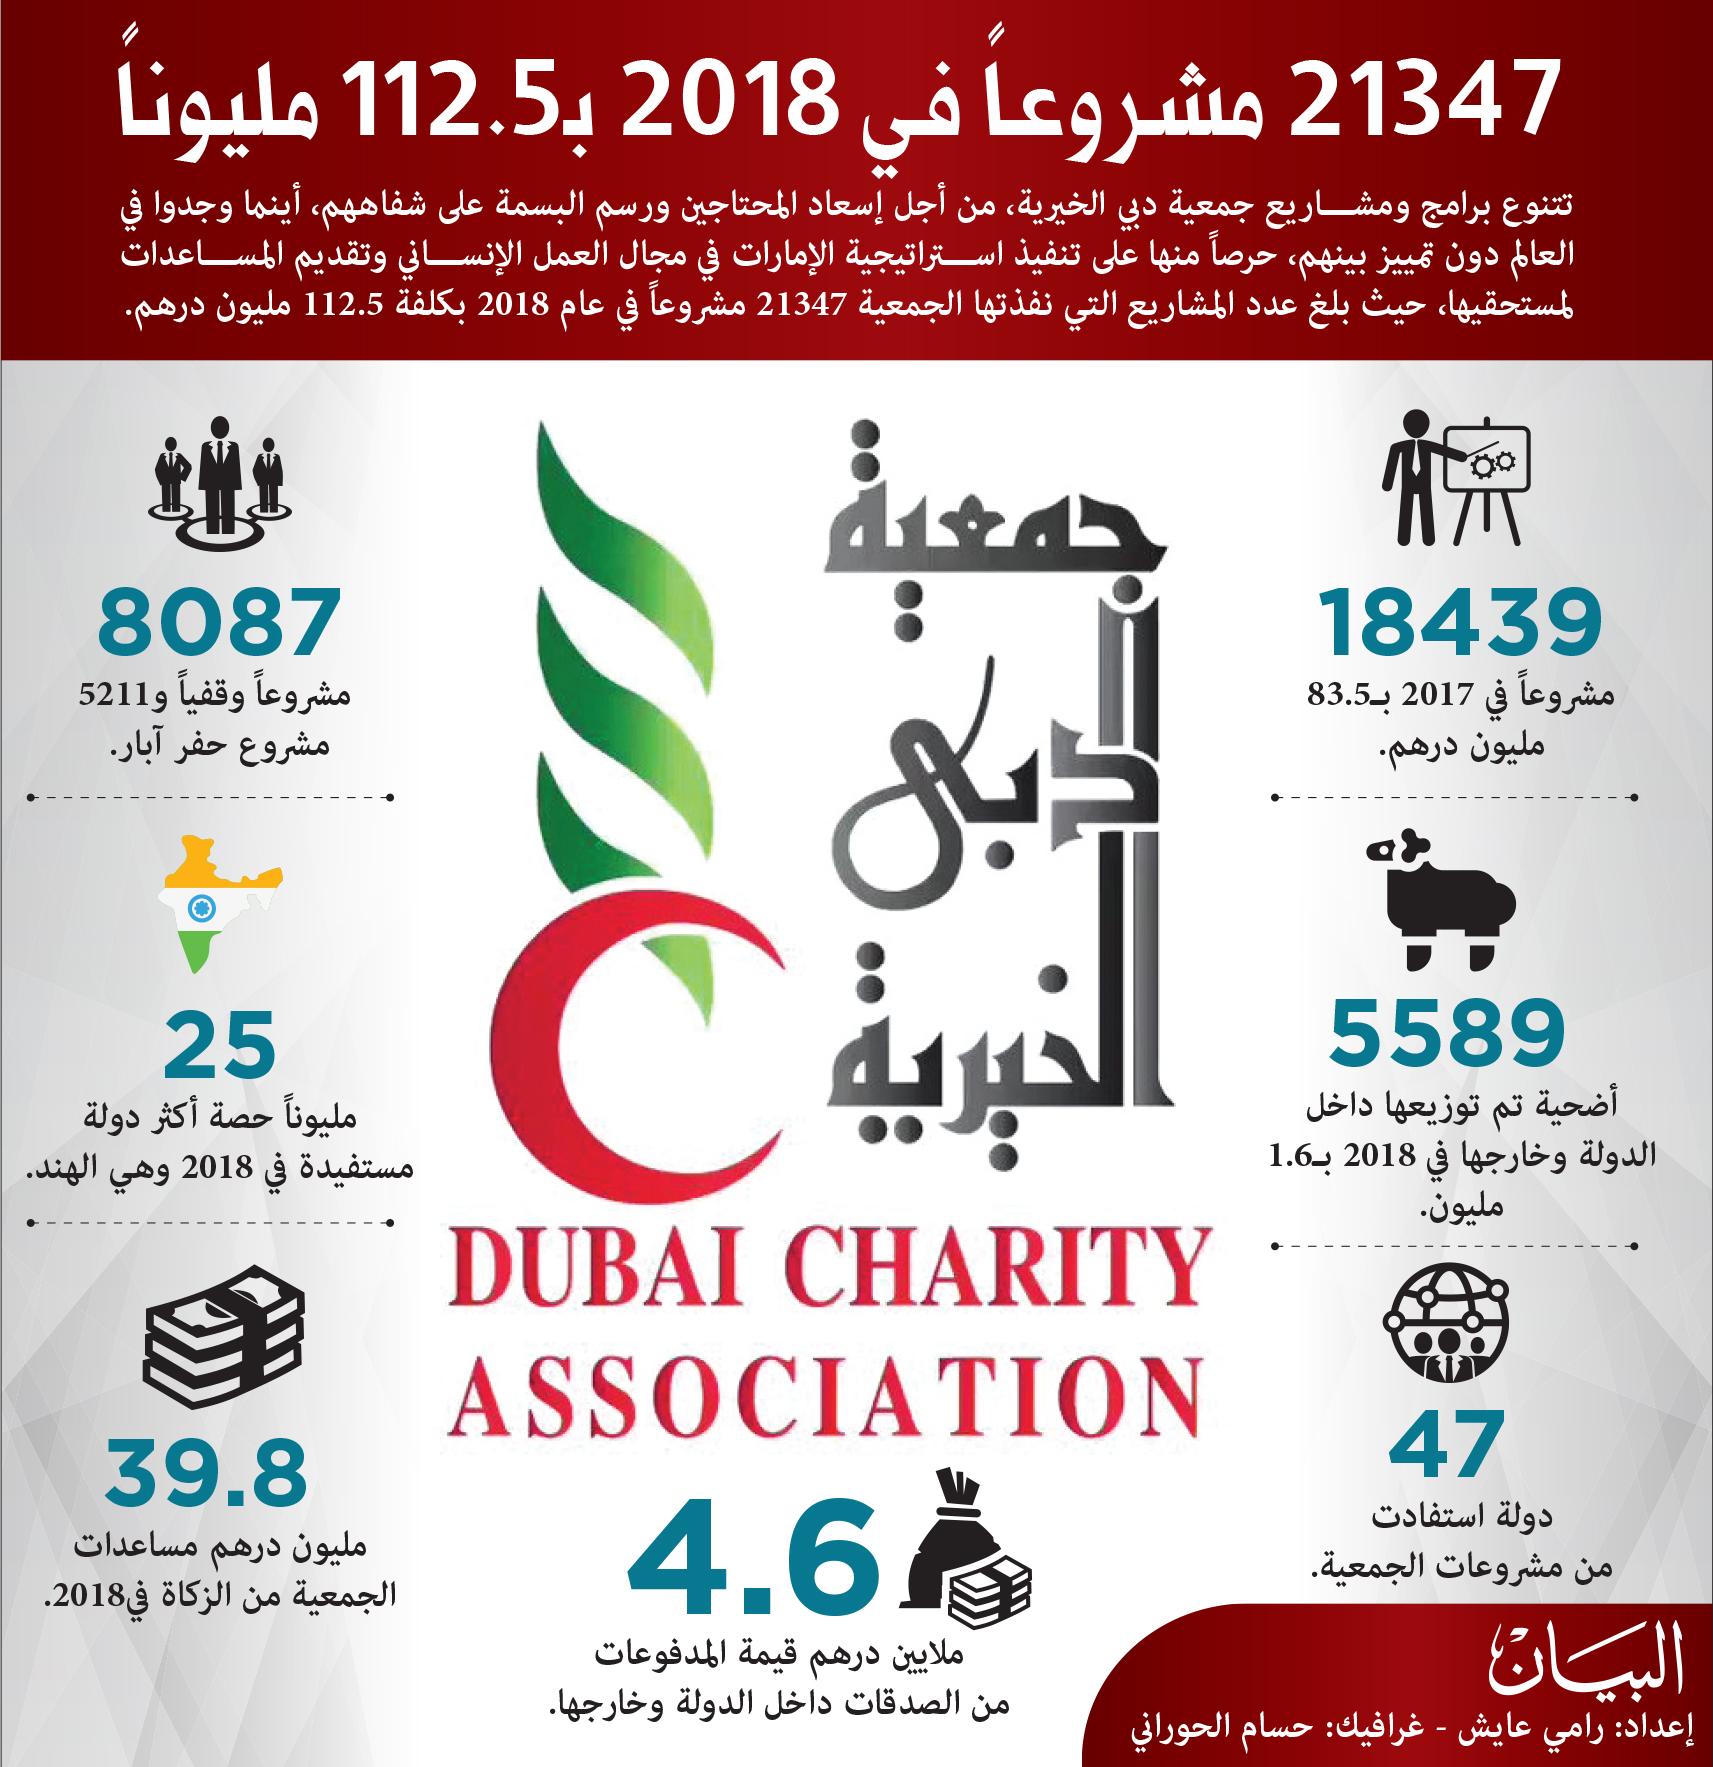 مليار درهم من دبي الخيرية لـ47 دولة منذ تأسيسها عبر الإمارات